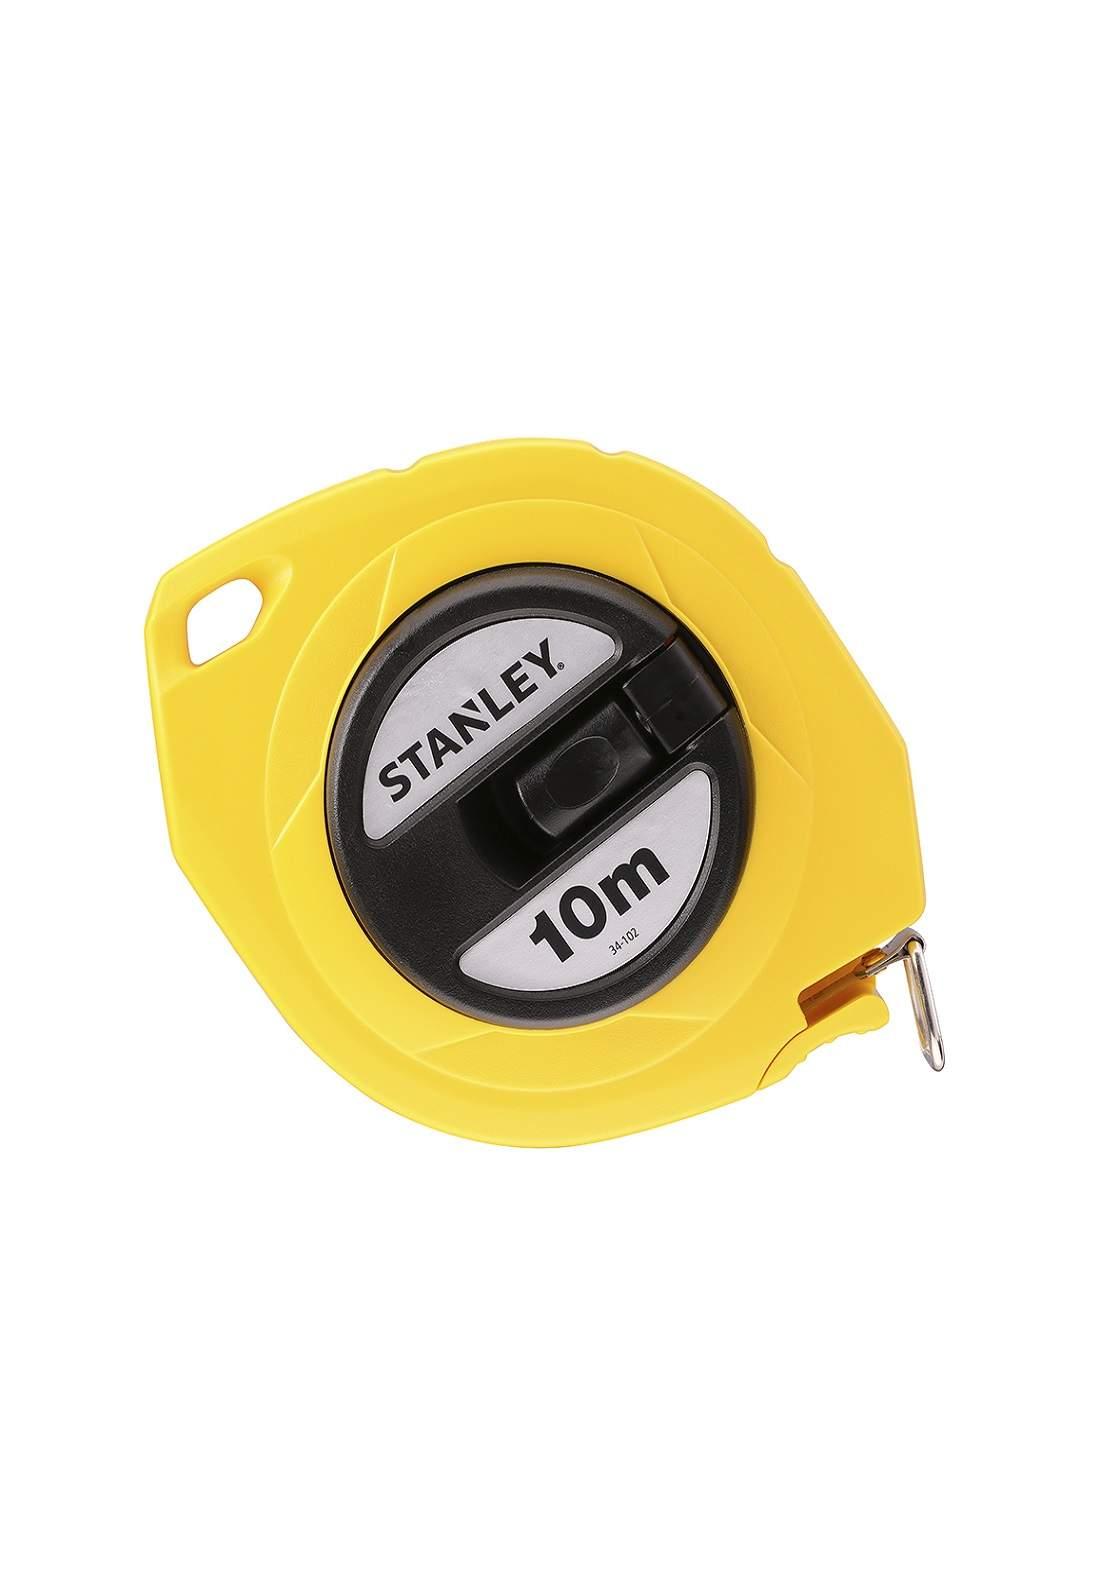 Stanley 0-34-102  Measuring Tape 10M x 10mm فيتة  10 م